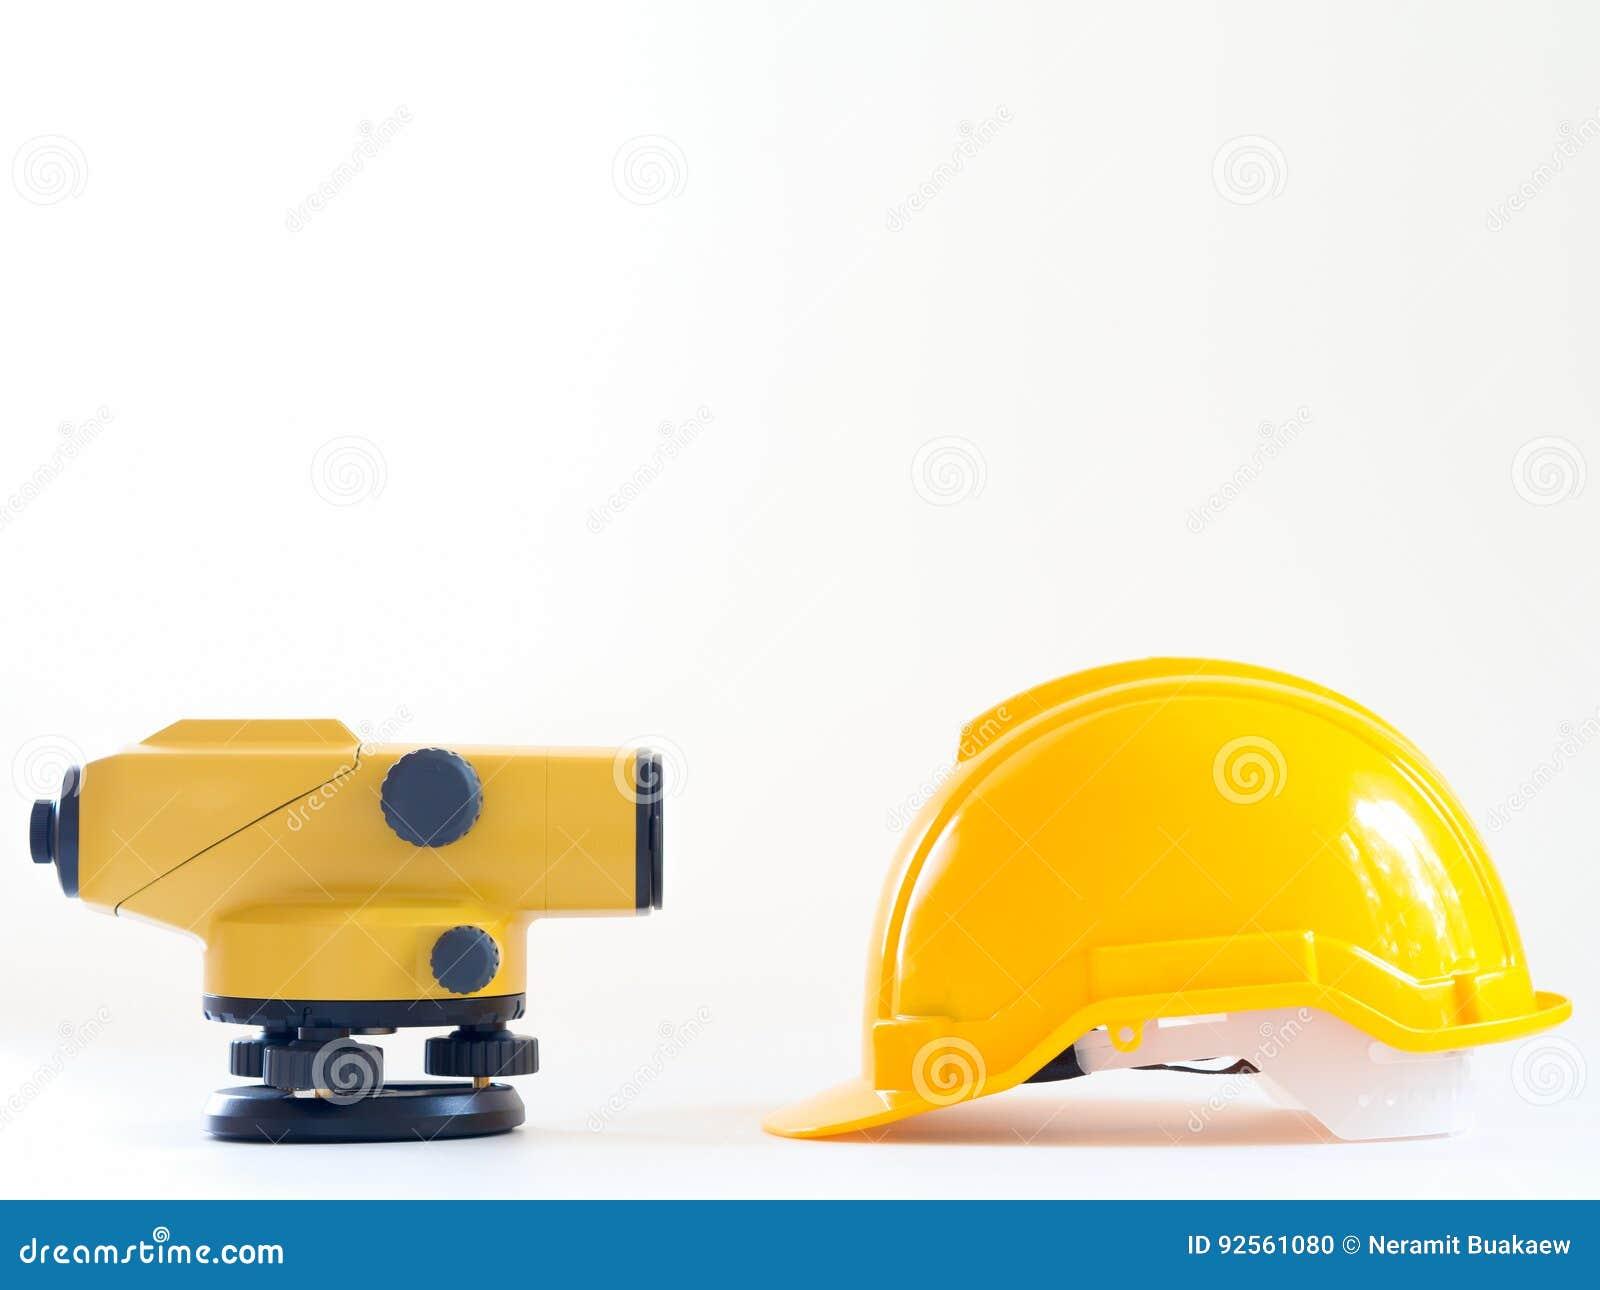 Theodolit- Und Bausturzhelm Auf Weißem Hintergrund Stockfoto - Bild ...